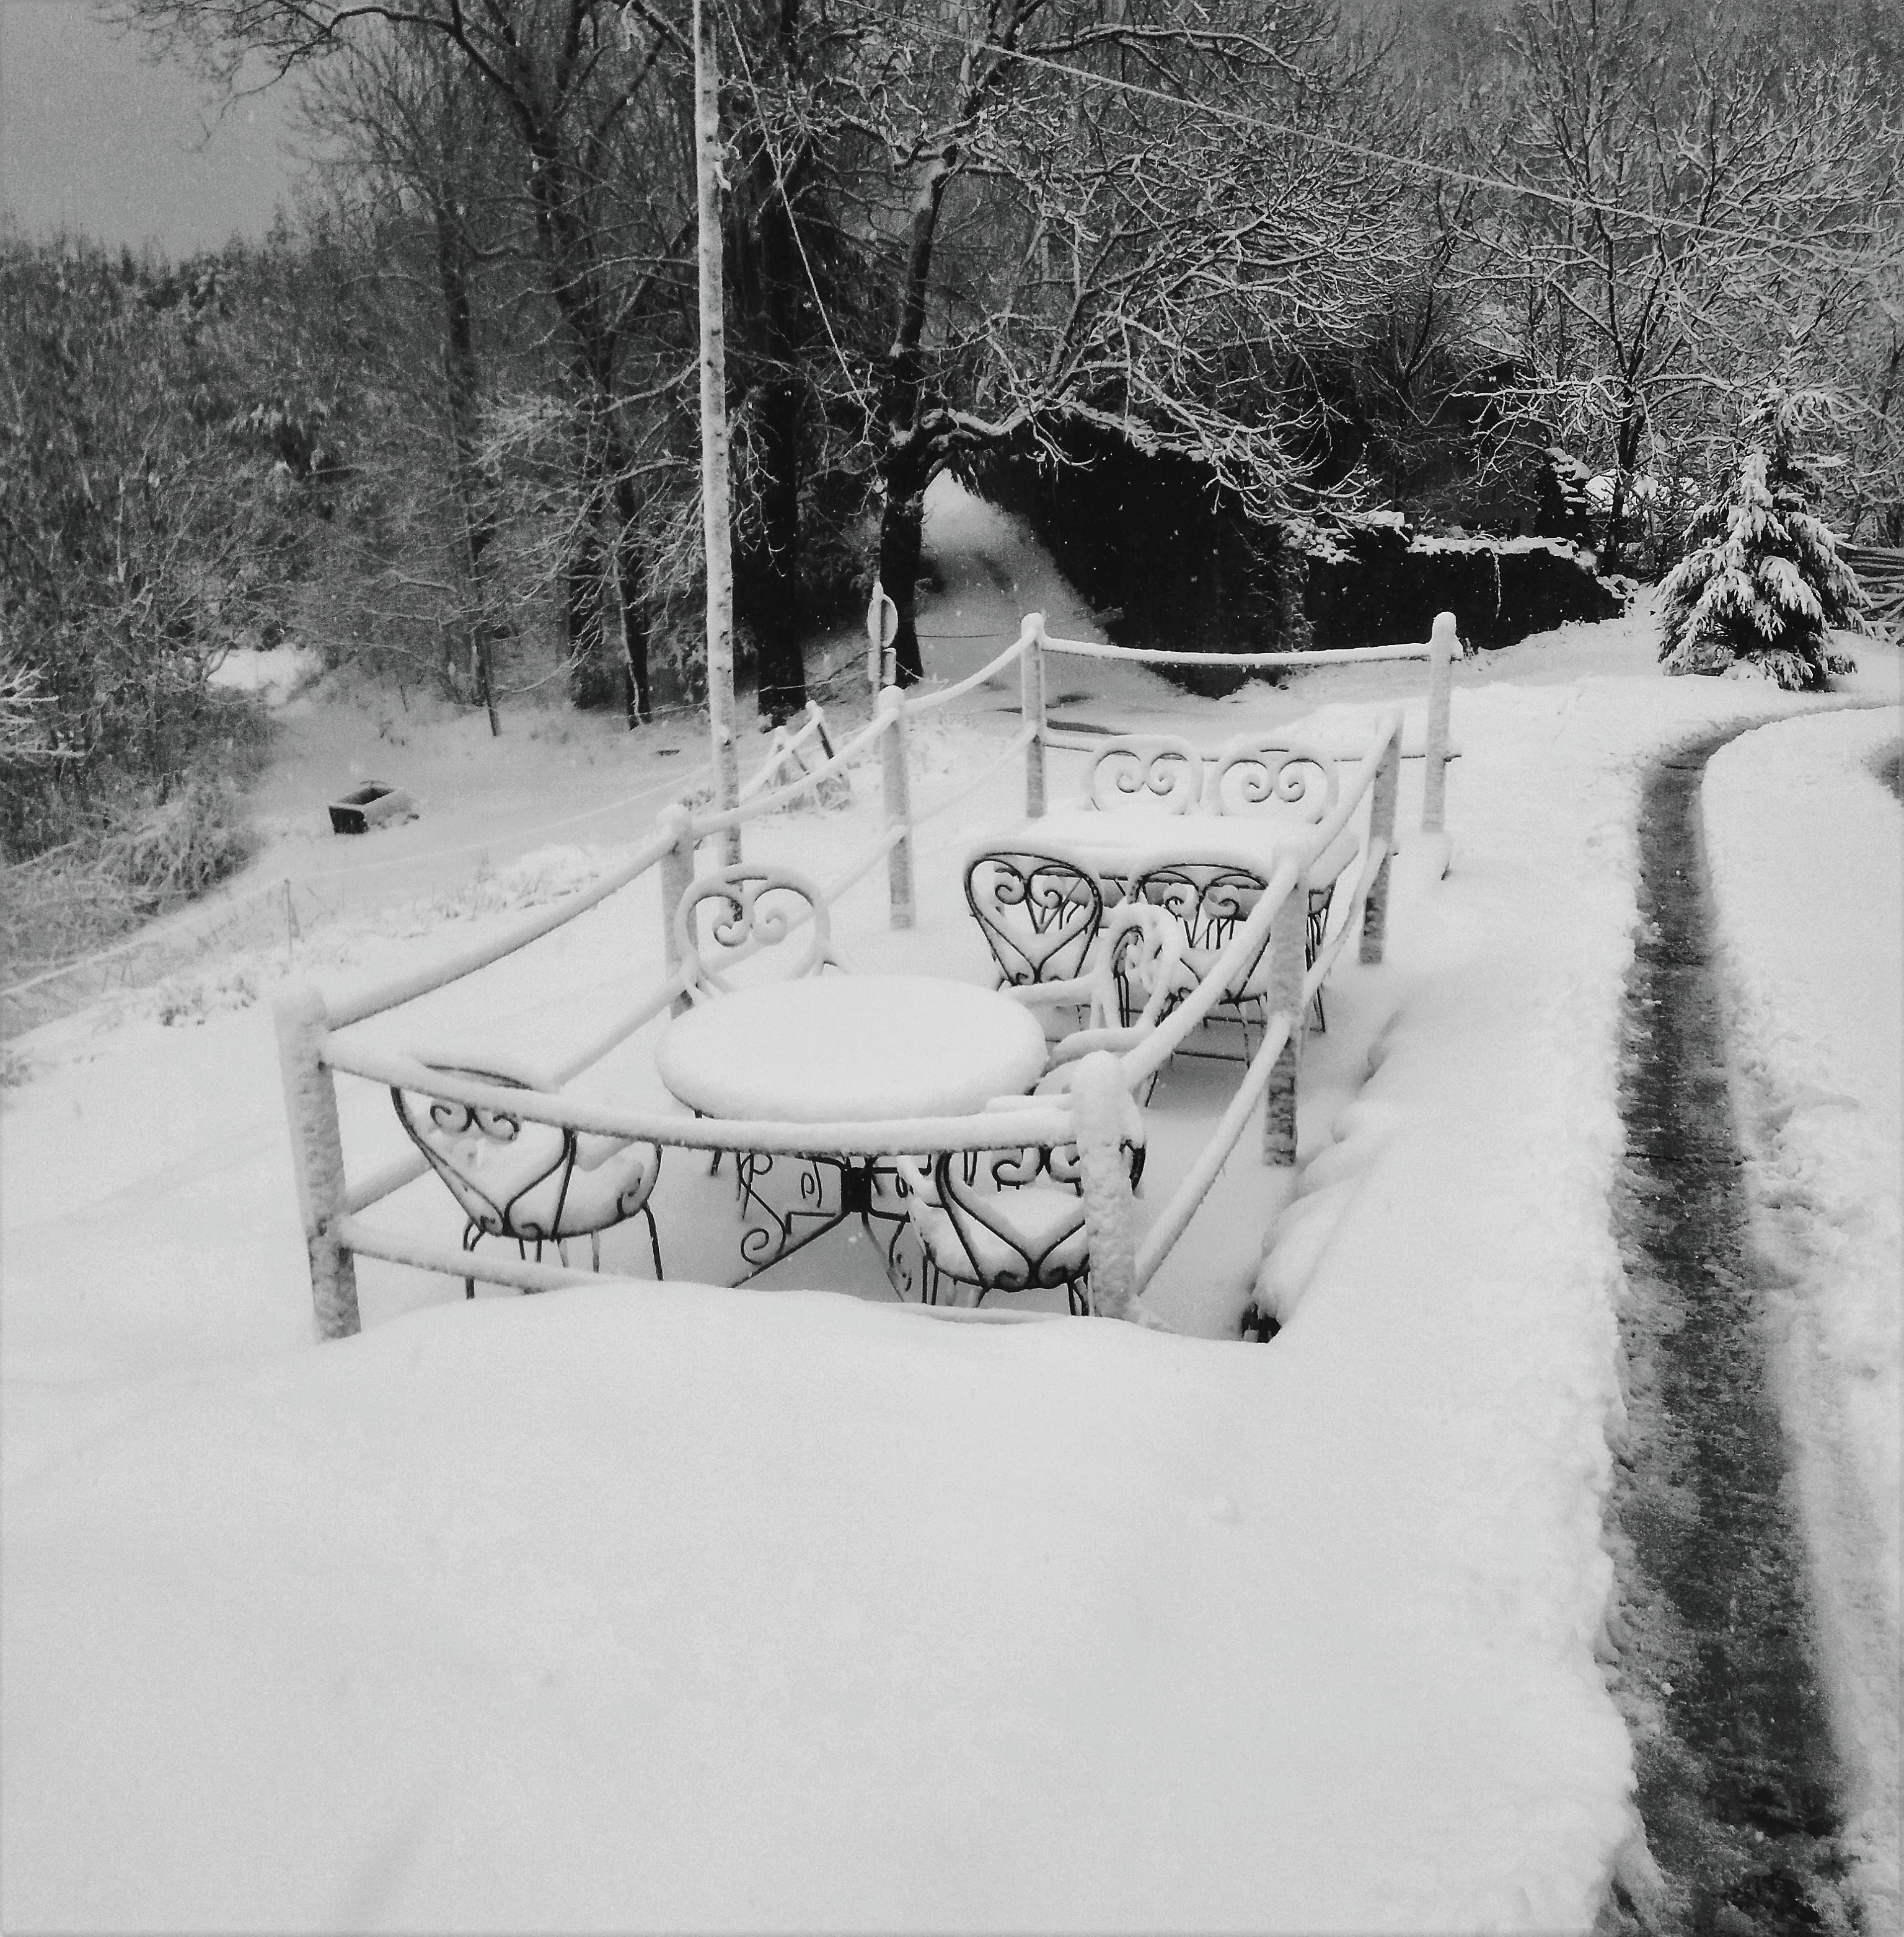 Mirador terrassa nevat